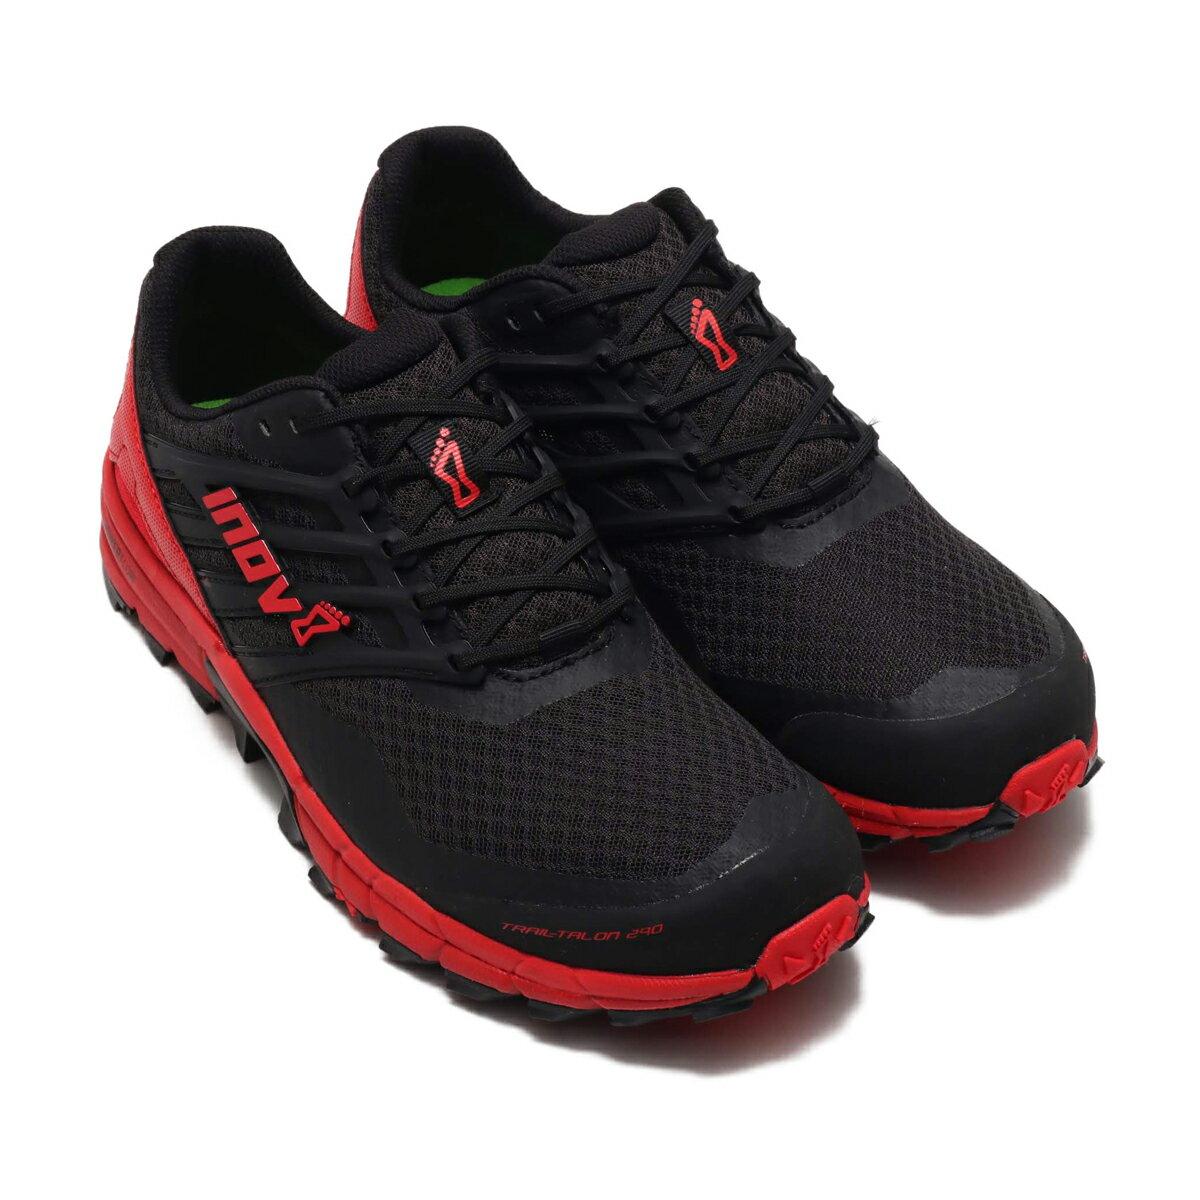 メンズ靴, スニーカー inov-8 TRAILTALON 290 MS ( 290 MS)BRD 19SP-I